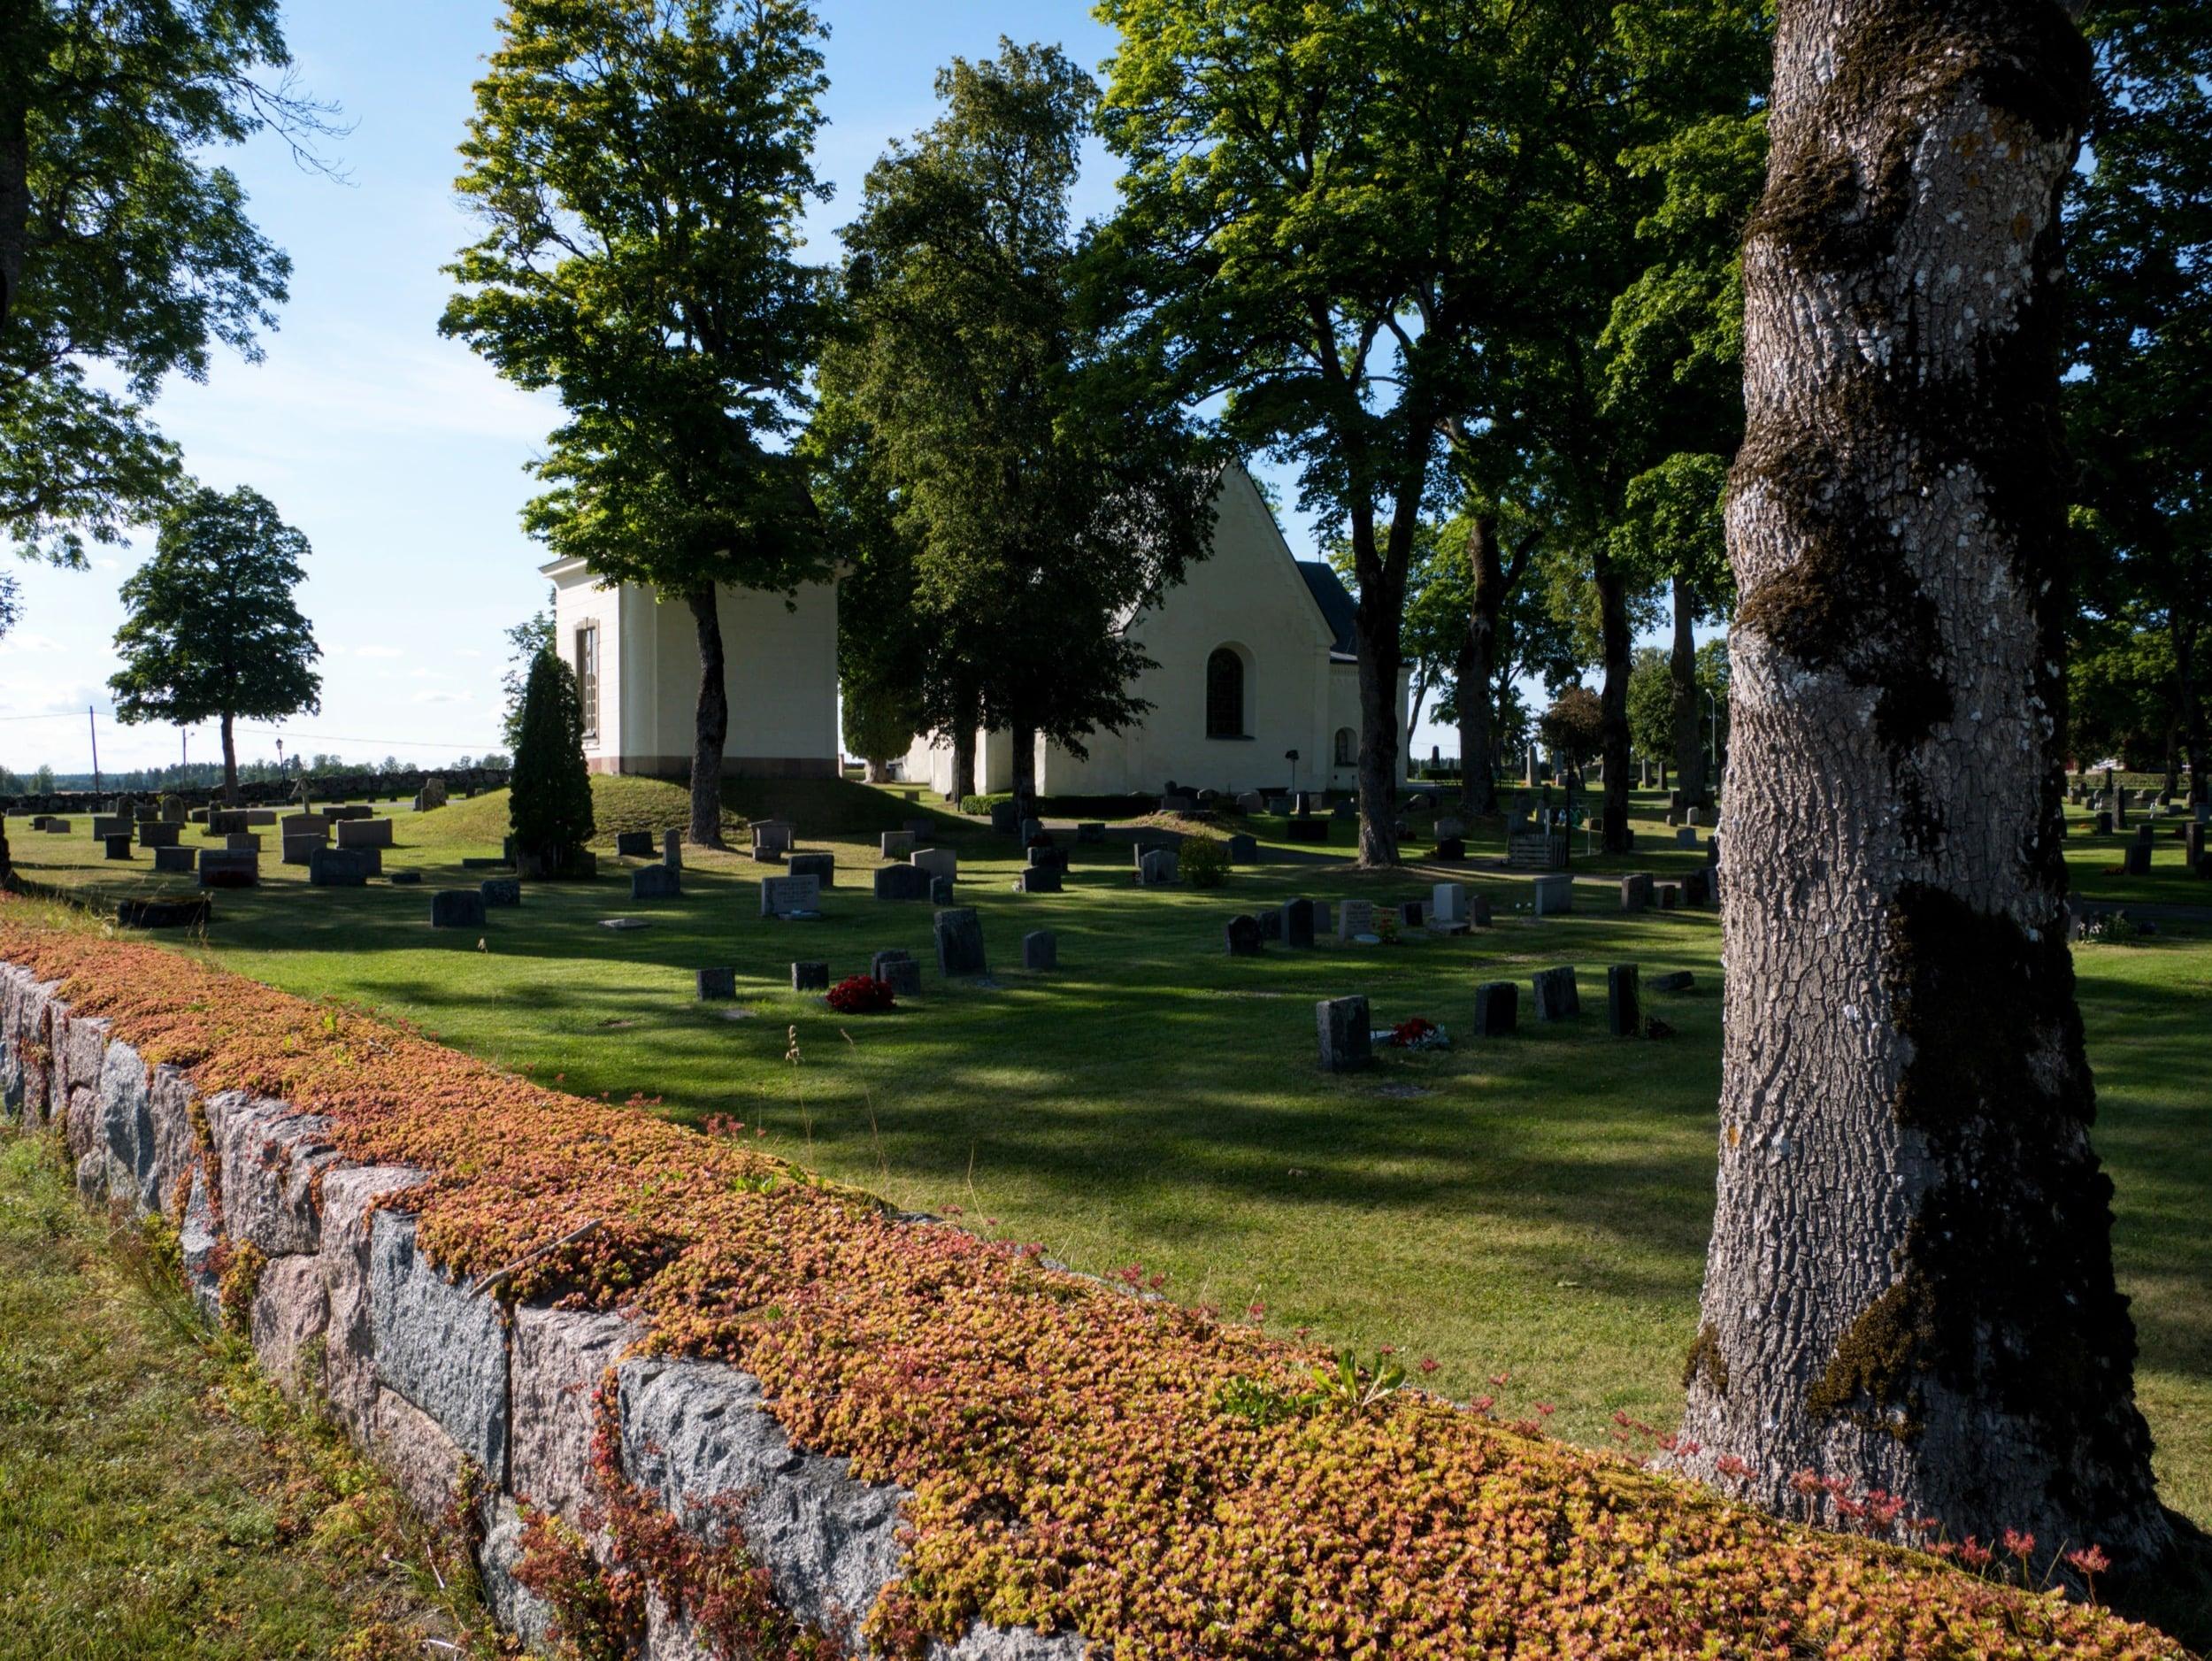 vittinge church